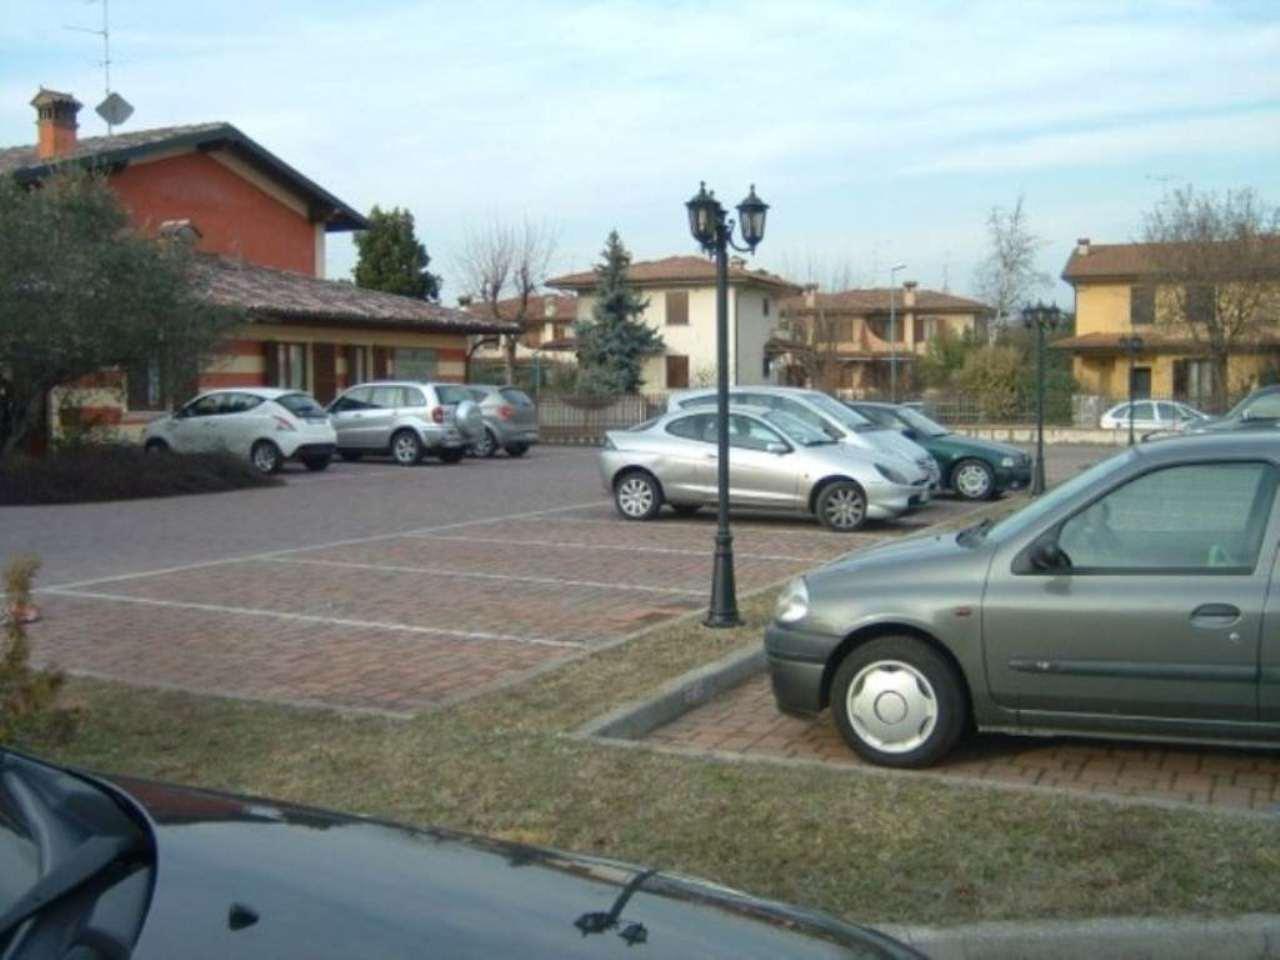 Box garage ospitaletto vendita 12 mq - Immobile non soggetto all obbligo di certificazione energetica ...